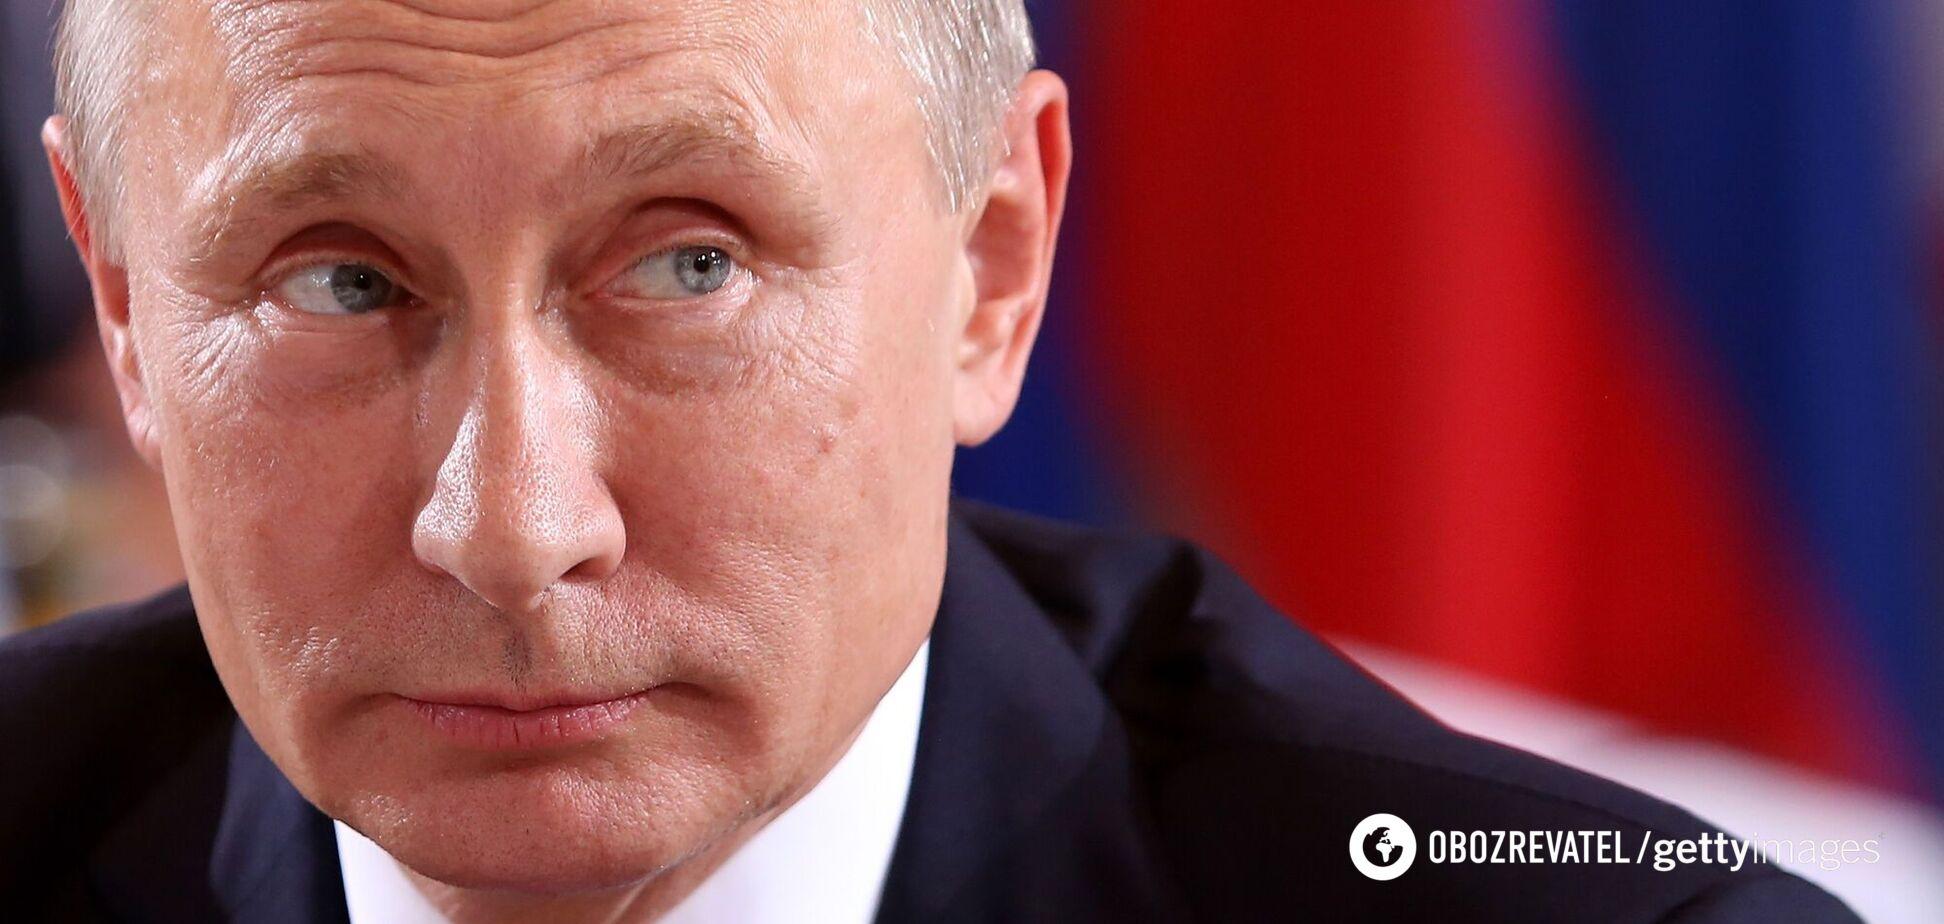 Путін сміється санкціям в обличчя